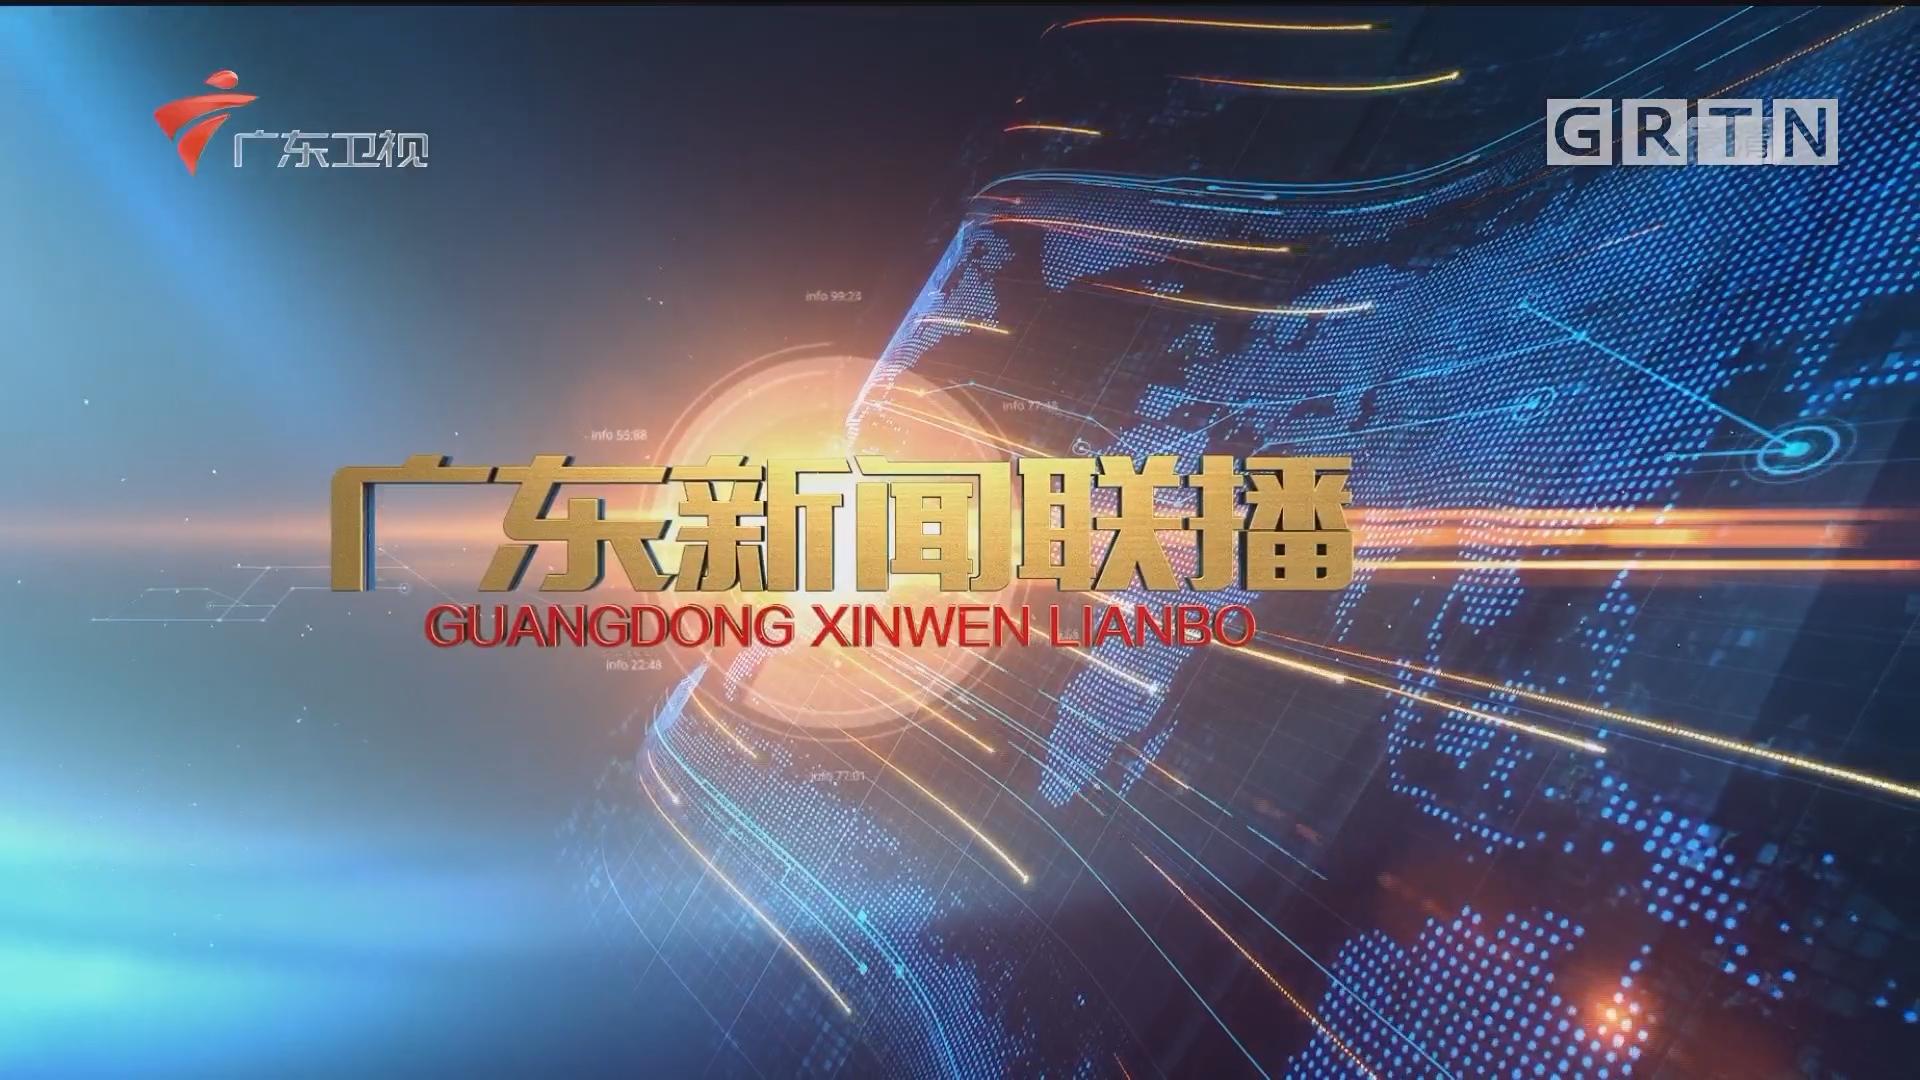 [HD][2017-10-20]广东新闻联播:广东代表团讨论中央纪委工作报告